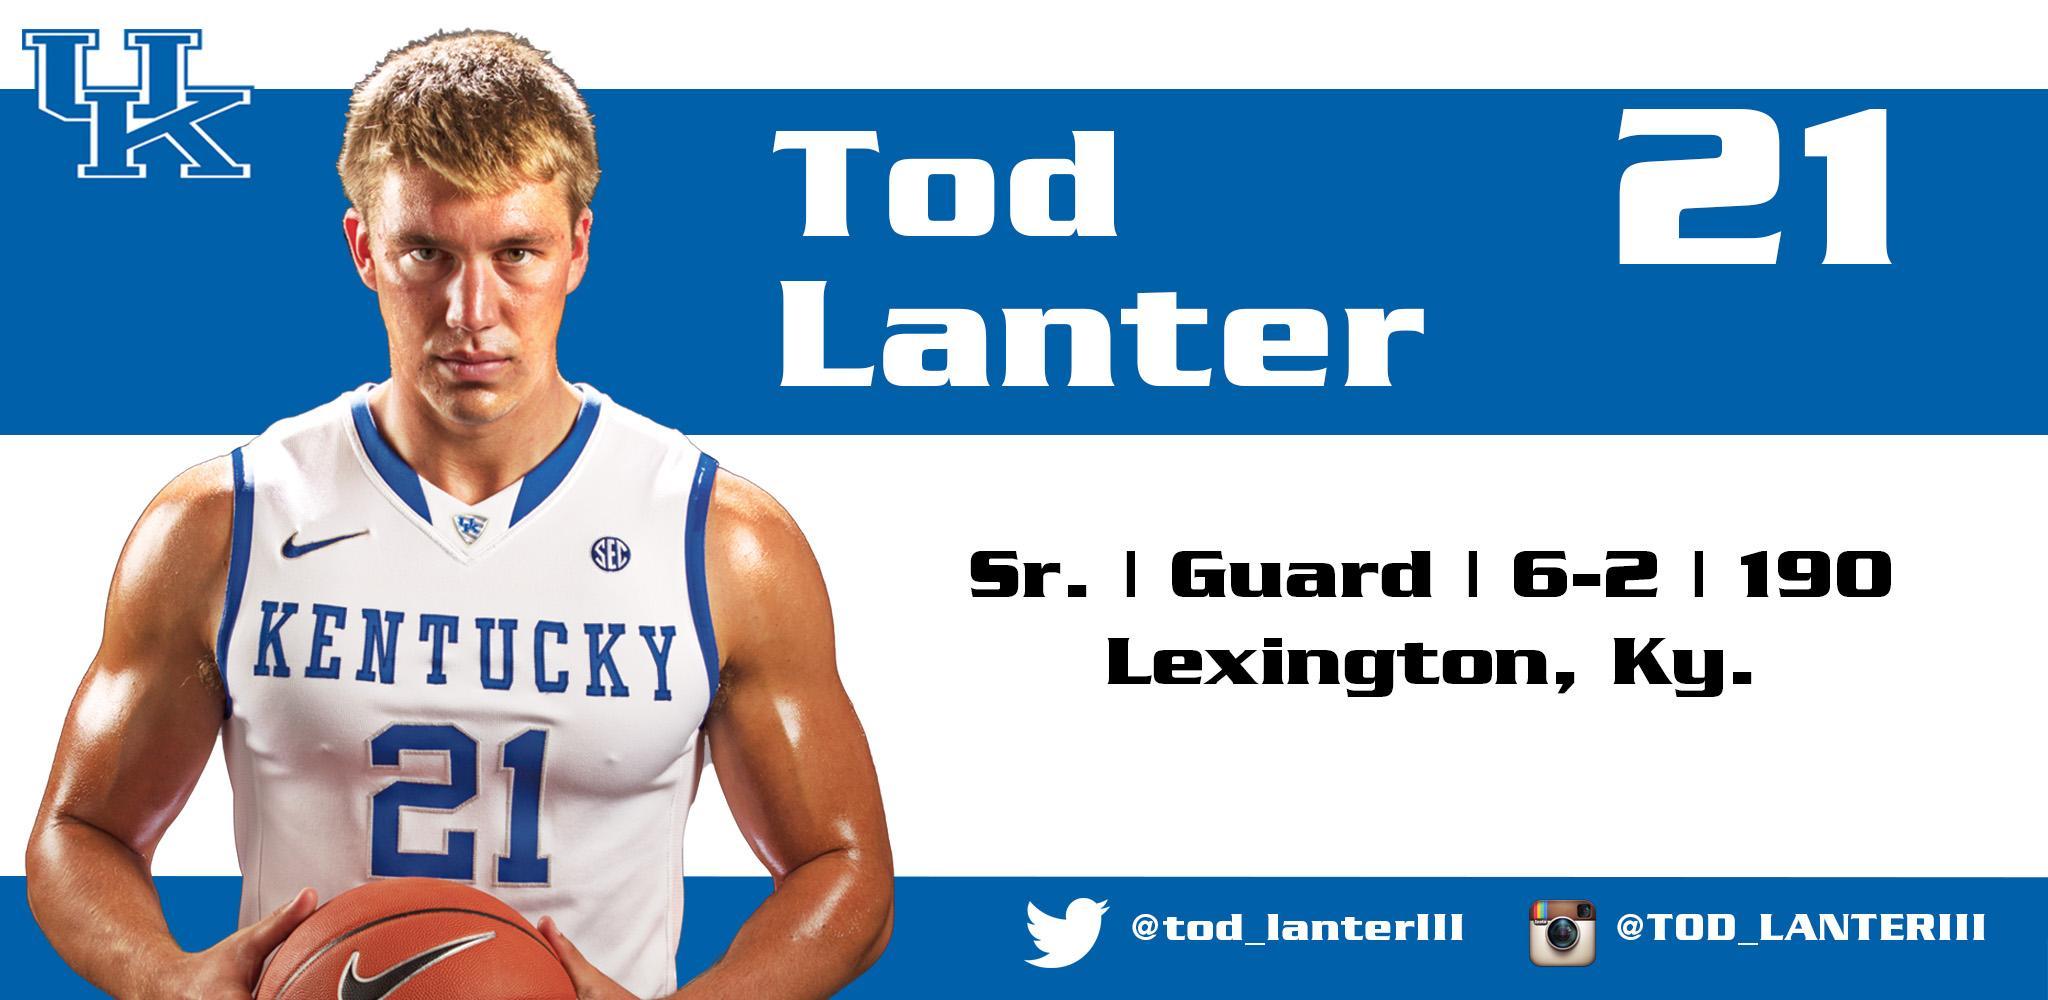 Tod Lanter